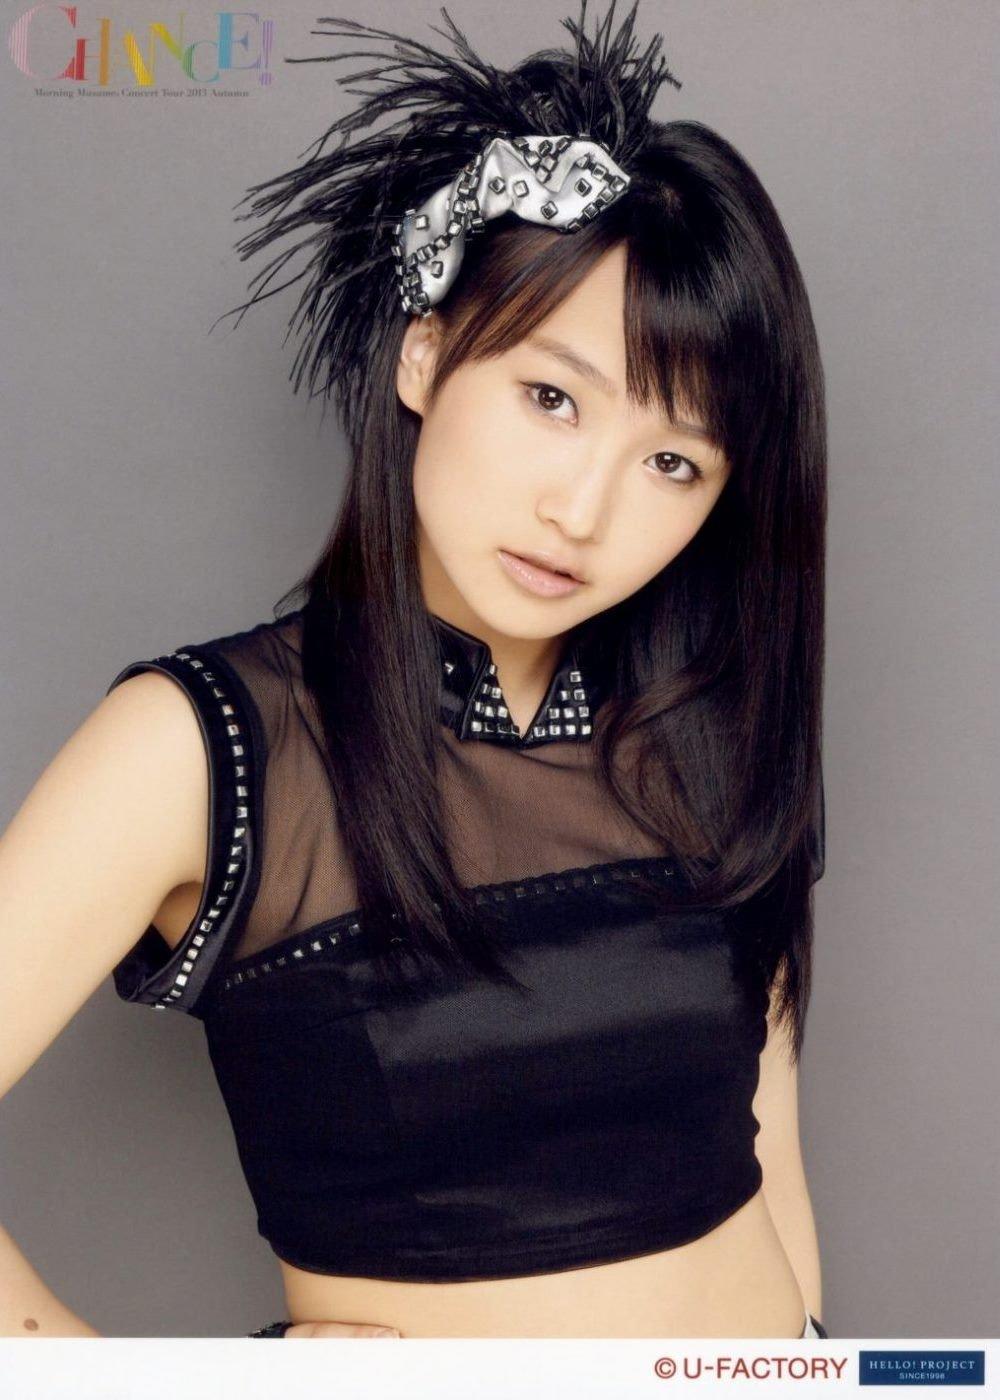 Shiori Suwano Blue Bing Images - Foto